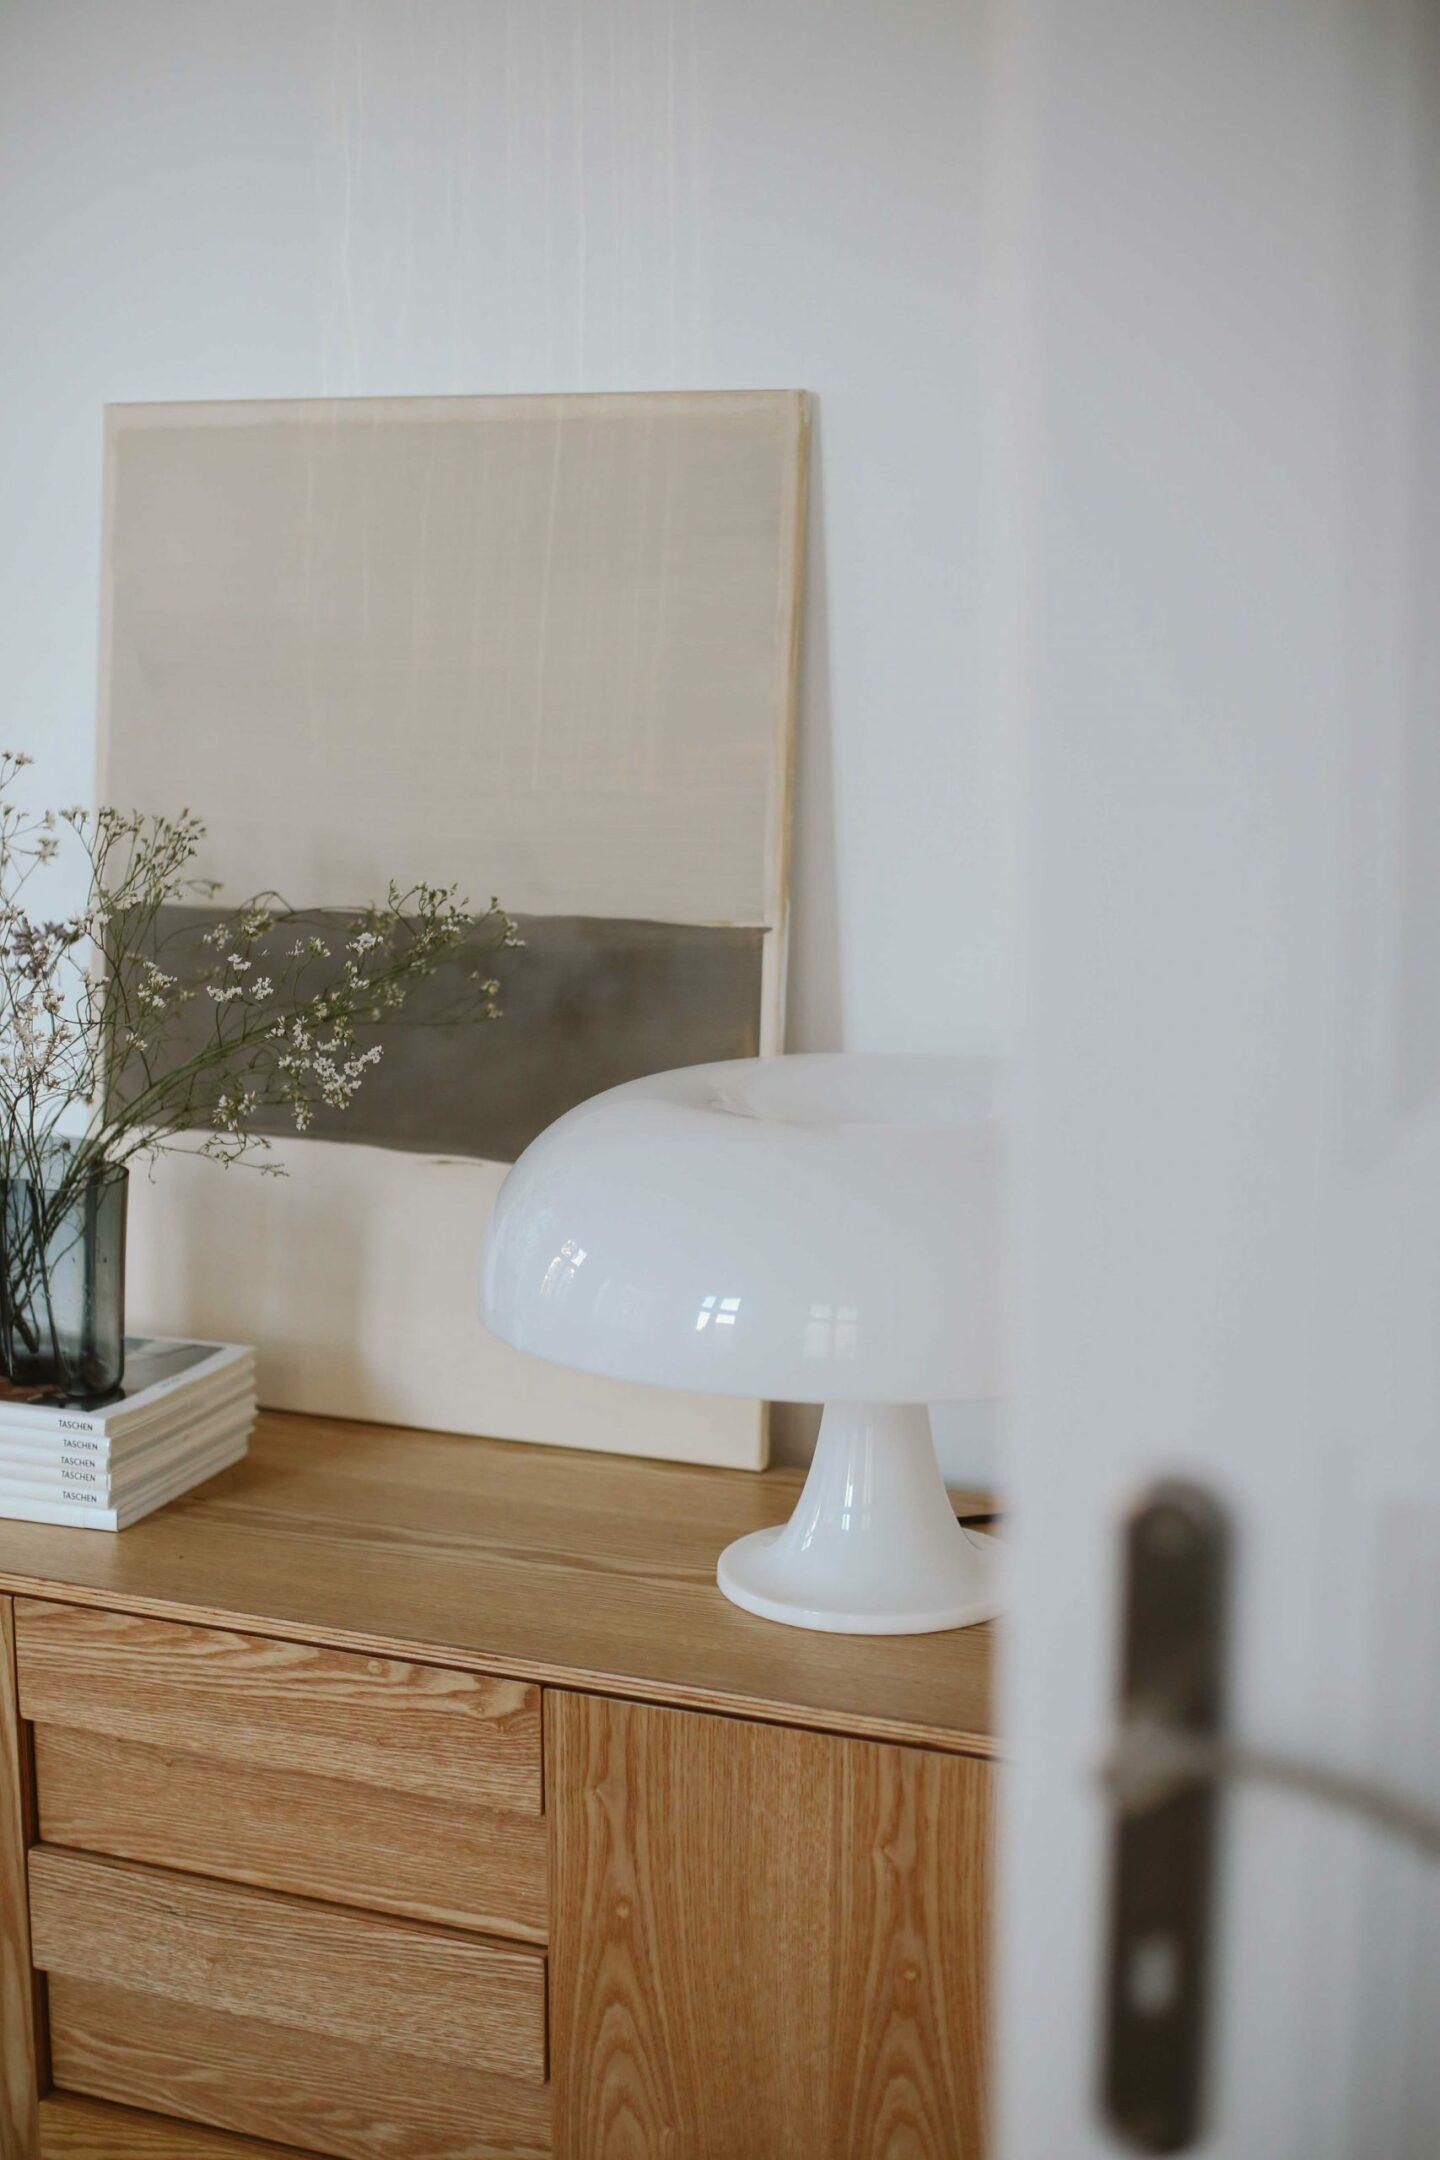 Coup de cœur: Nesso, la lampe pop d'Artemide